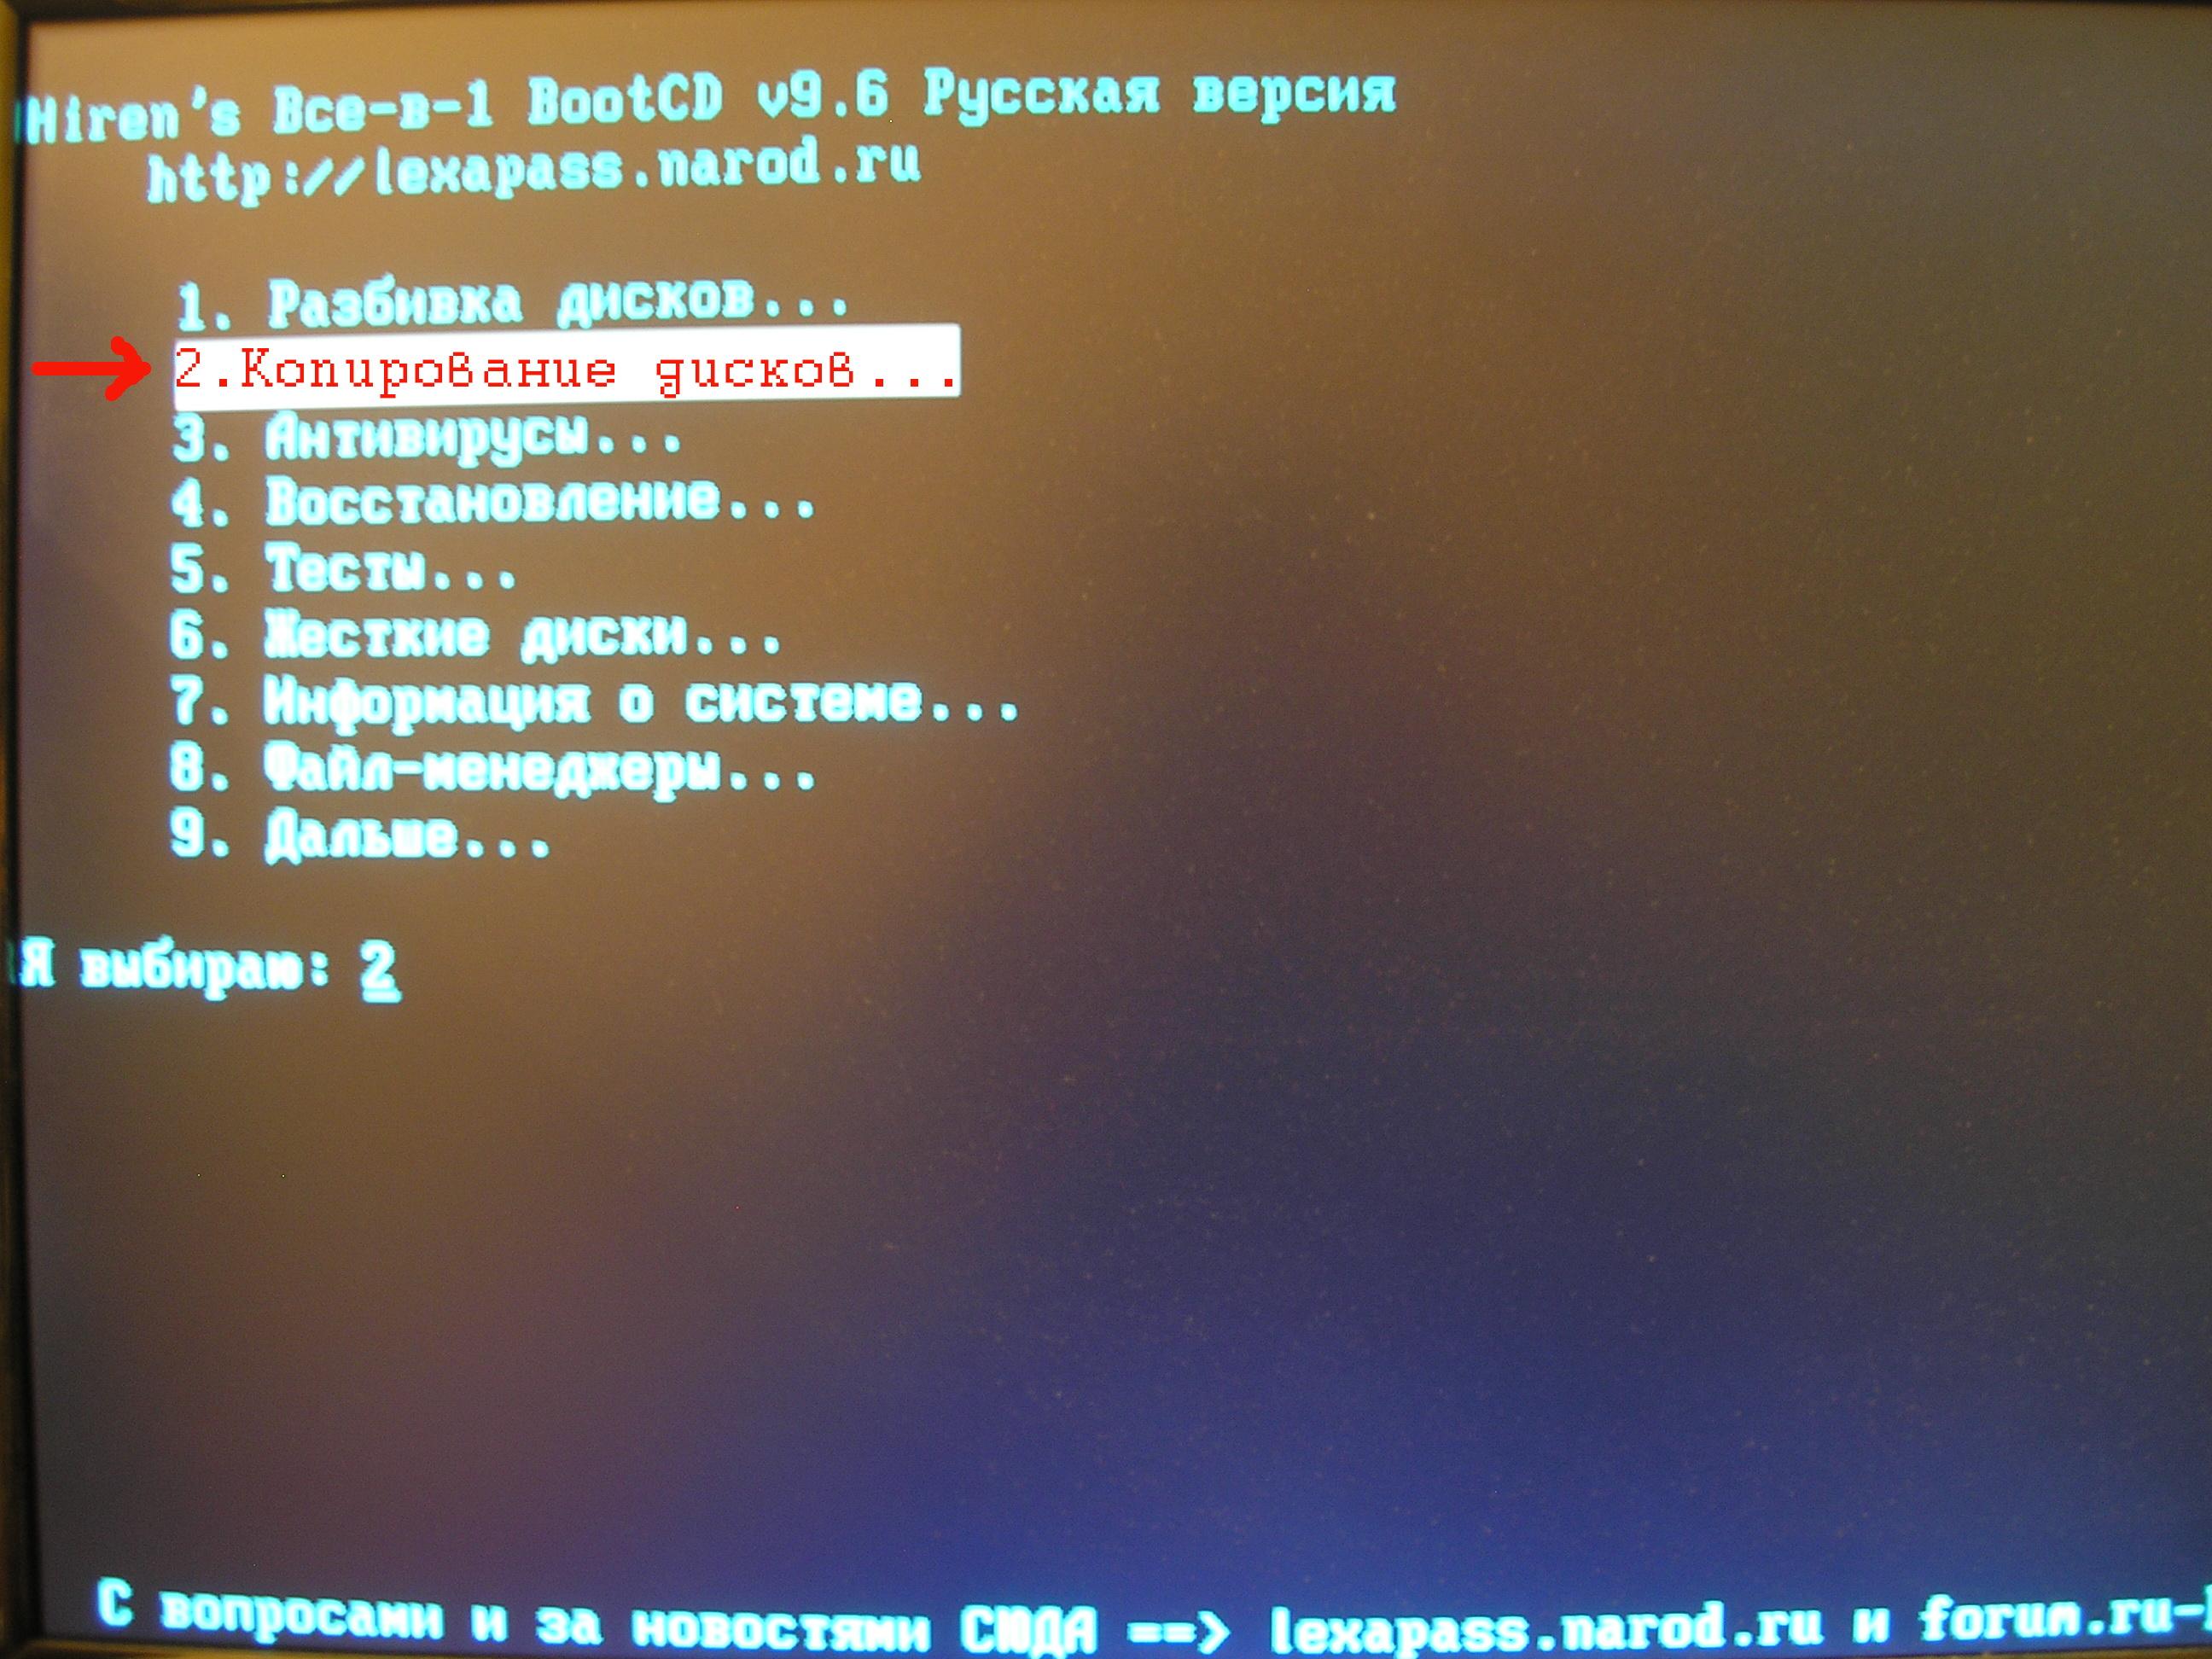 Linux как сделать копию файла